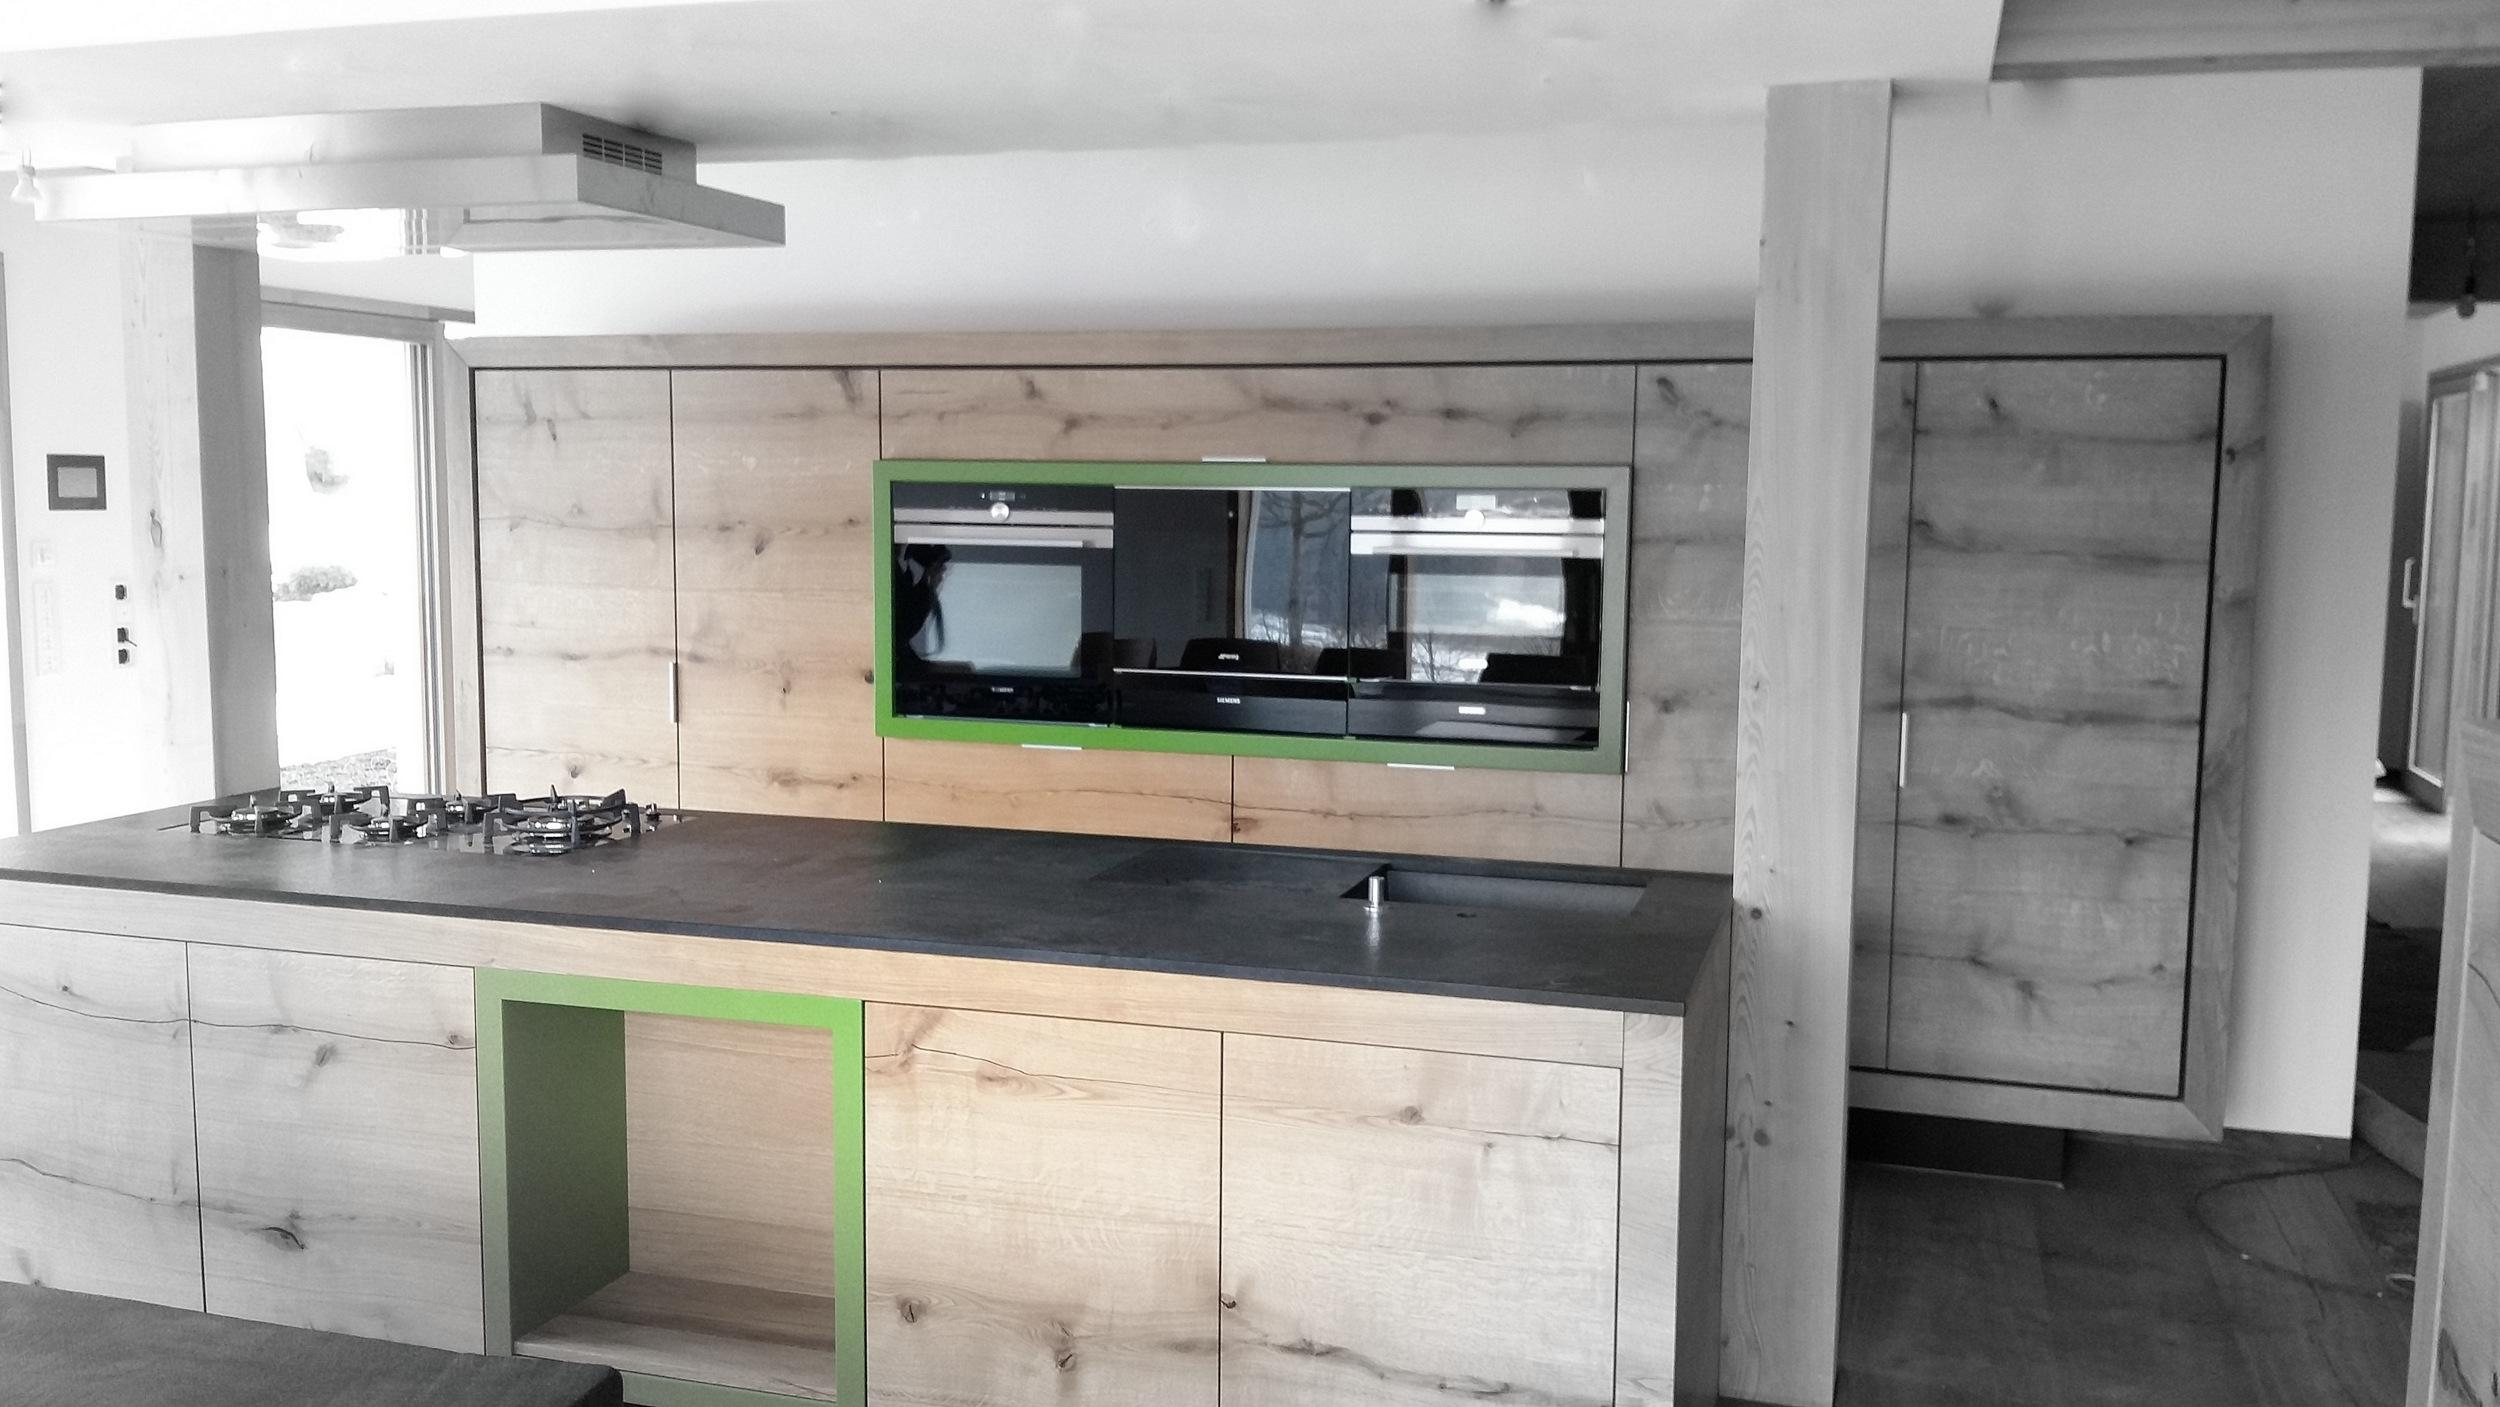 steinarbeitsplatte arbeitsplatte aus stein bilde. Black Bedroom Furniture Sets. Home Design Ideas